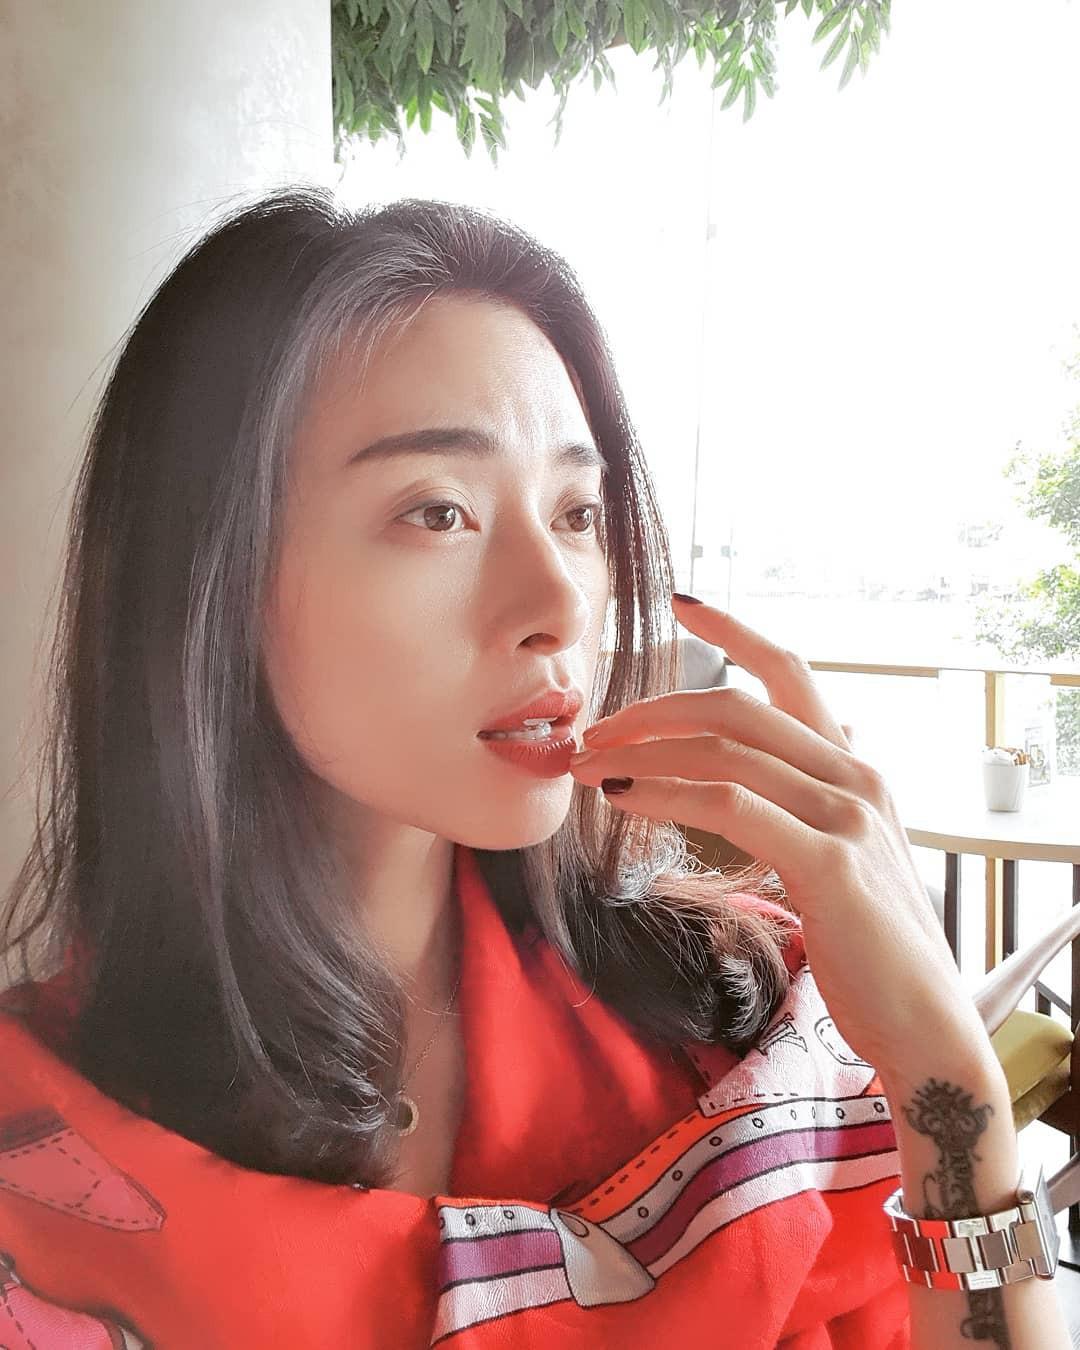 Hà Tăng, Ngô Thanh Vân và Lan Khuê đều thăng hạng nhan sắc nhờ một kiểu tóc tươi trẻ và hết mực thanh lịch - Ảnh 13